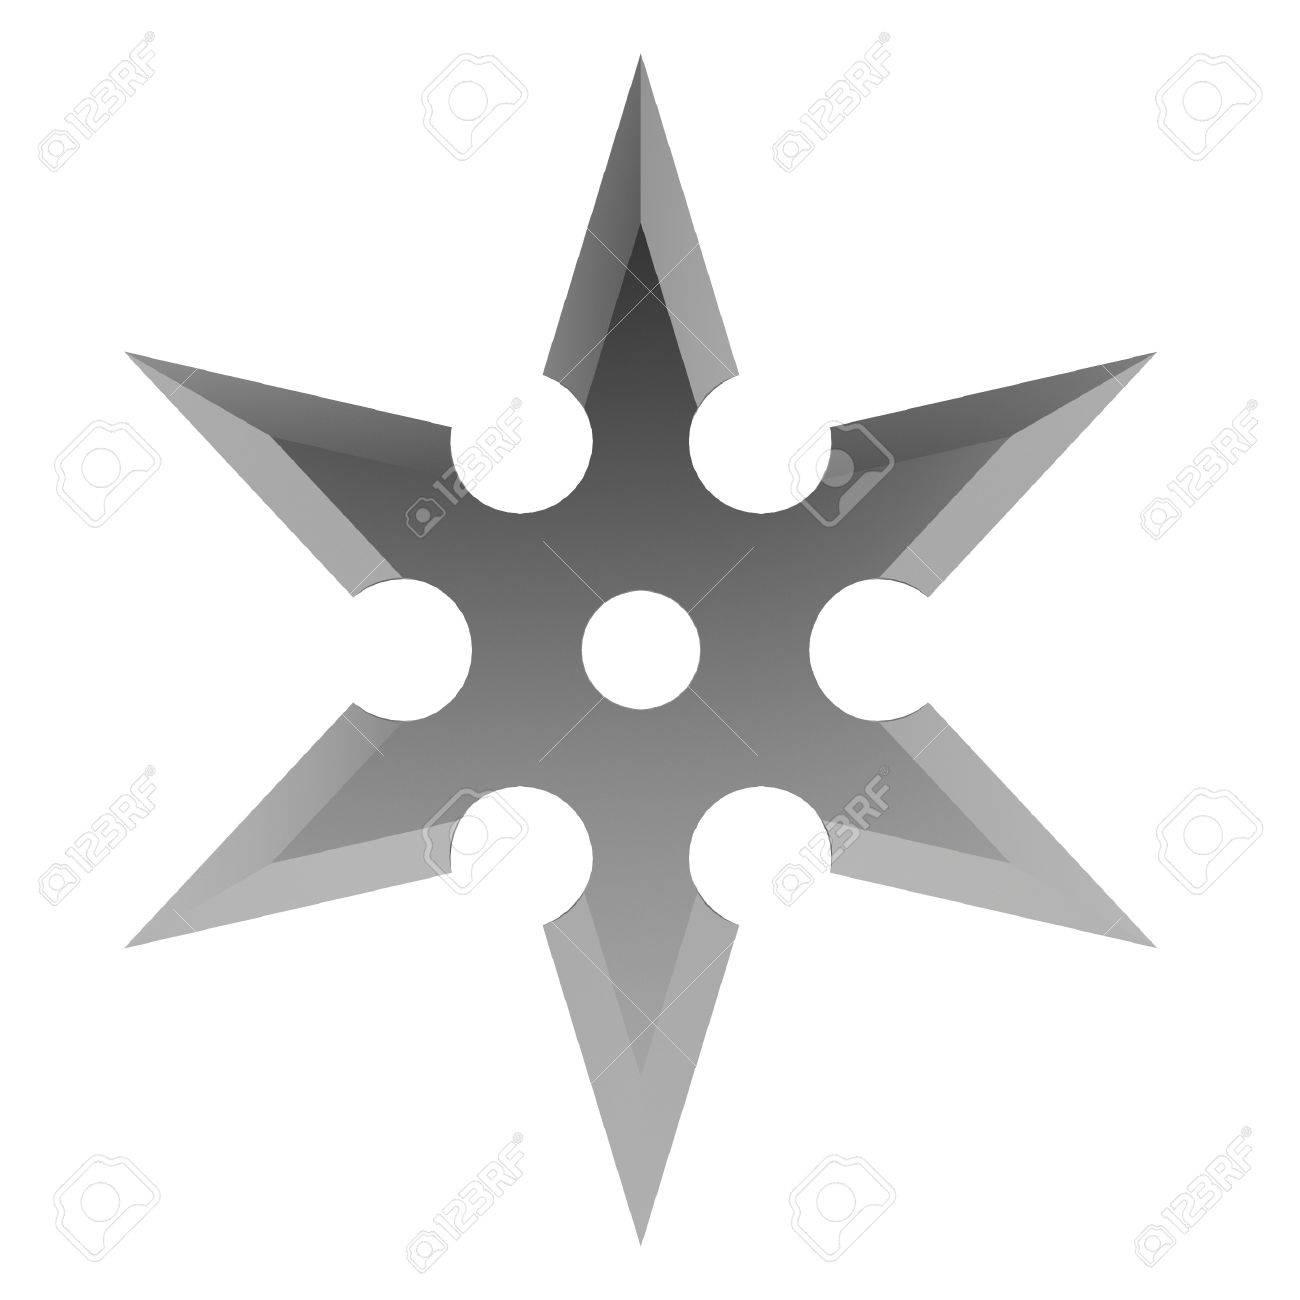 Shuriken. 3d illustration on white background Stock Illustration - 21086324